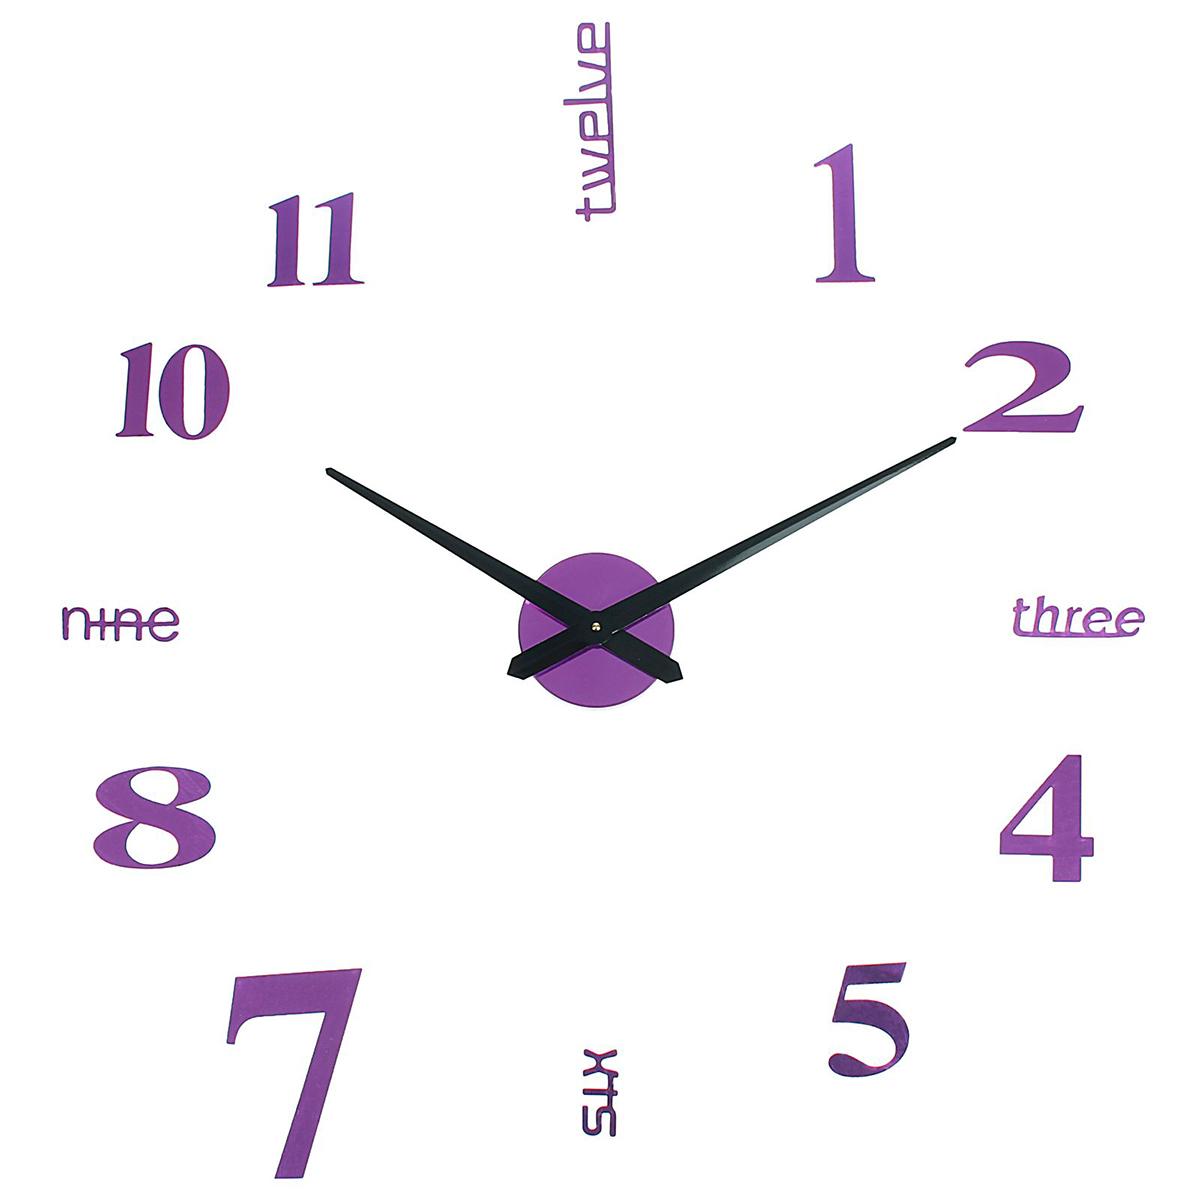 Часы-наклейка настенные DIY Объем модерн, цвет: пурпур, 120 см1306702Часы-наклейки продолжают завоевывать популярность по всему миру. Их используют вместо картин, постеров или рамок для фото. Такой элемент декора впишется в любой интерьер и преобразит комнату за считанные минуты. Преимущества При желании размеры изделия можно изменить в большую или меньшую сторону. Все элементы легко наклеиваются и снимаются. Подходят для любых ровных поверхностей (стен, потолков, кафеля, стекла, мебели). Характеристики Механизм работает от одной батарейки АА (не входит в комплект). Легкая основа надежно крепится. Размеры стрелок Минутная: 38,8 см. Часовая: 31,4 см. Создавайте часы в собственном стиле, проявляйте изобретательность и креативность. Не обязательно располагать числа по кругу — придайте аксессуару необычную форму, поменяйте диаметр циферблата, используйте не все элементы. Комплектующие легко клеятся на стену и без труда снимаются, поэтому смело воплощайте идеи в жизнь! У вас всегда будет возможность отсоединить детали и сделать все заново.Часы-наклейка DIY Объём модерн, пурпур, 120см 1306702